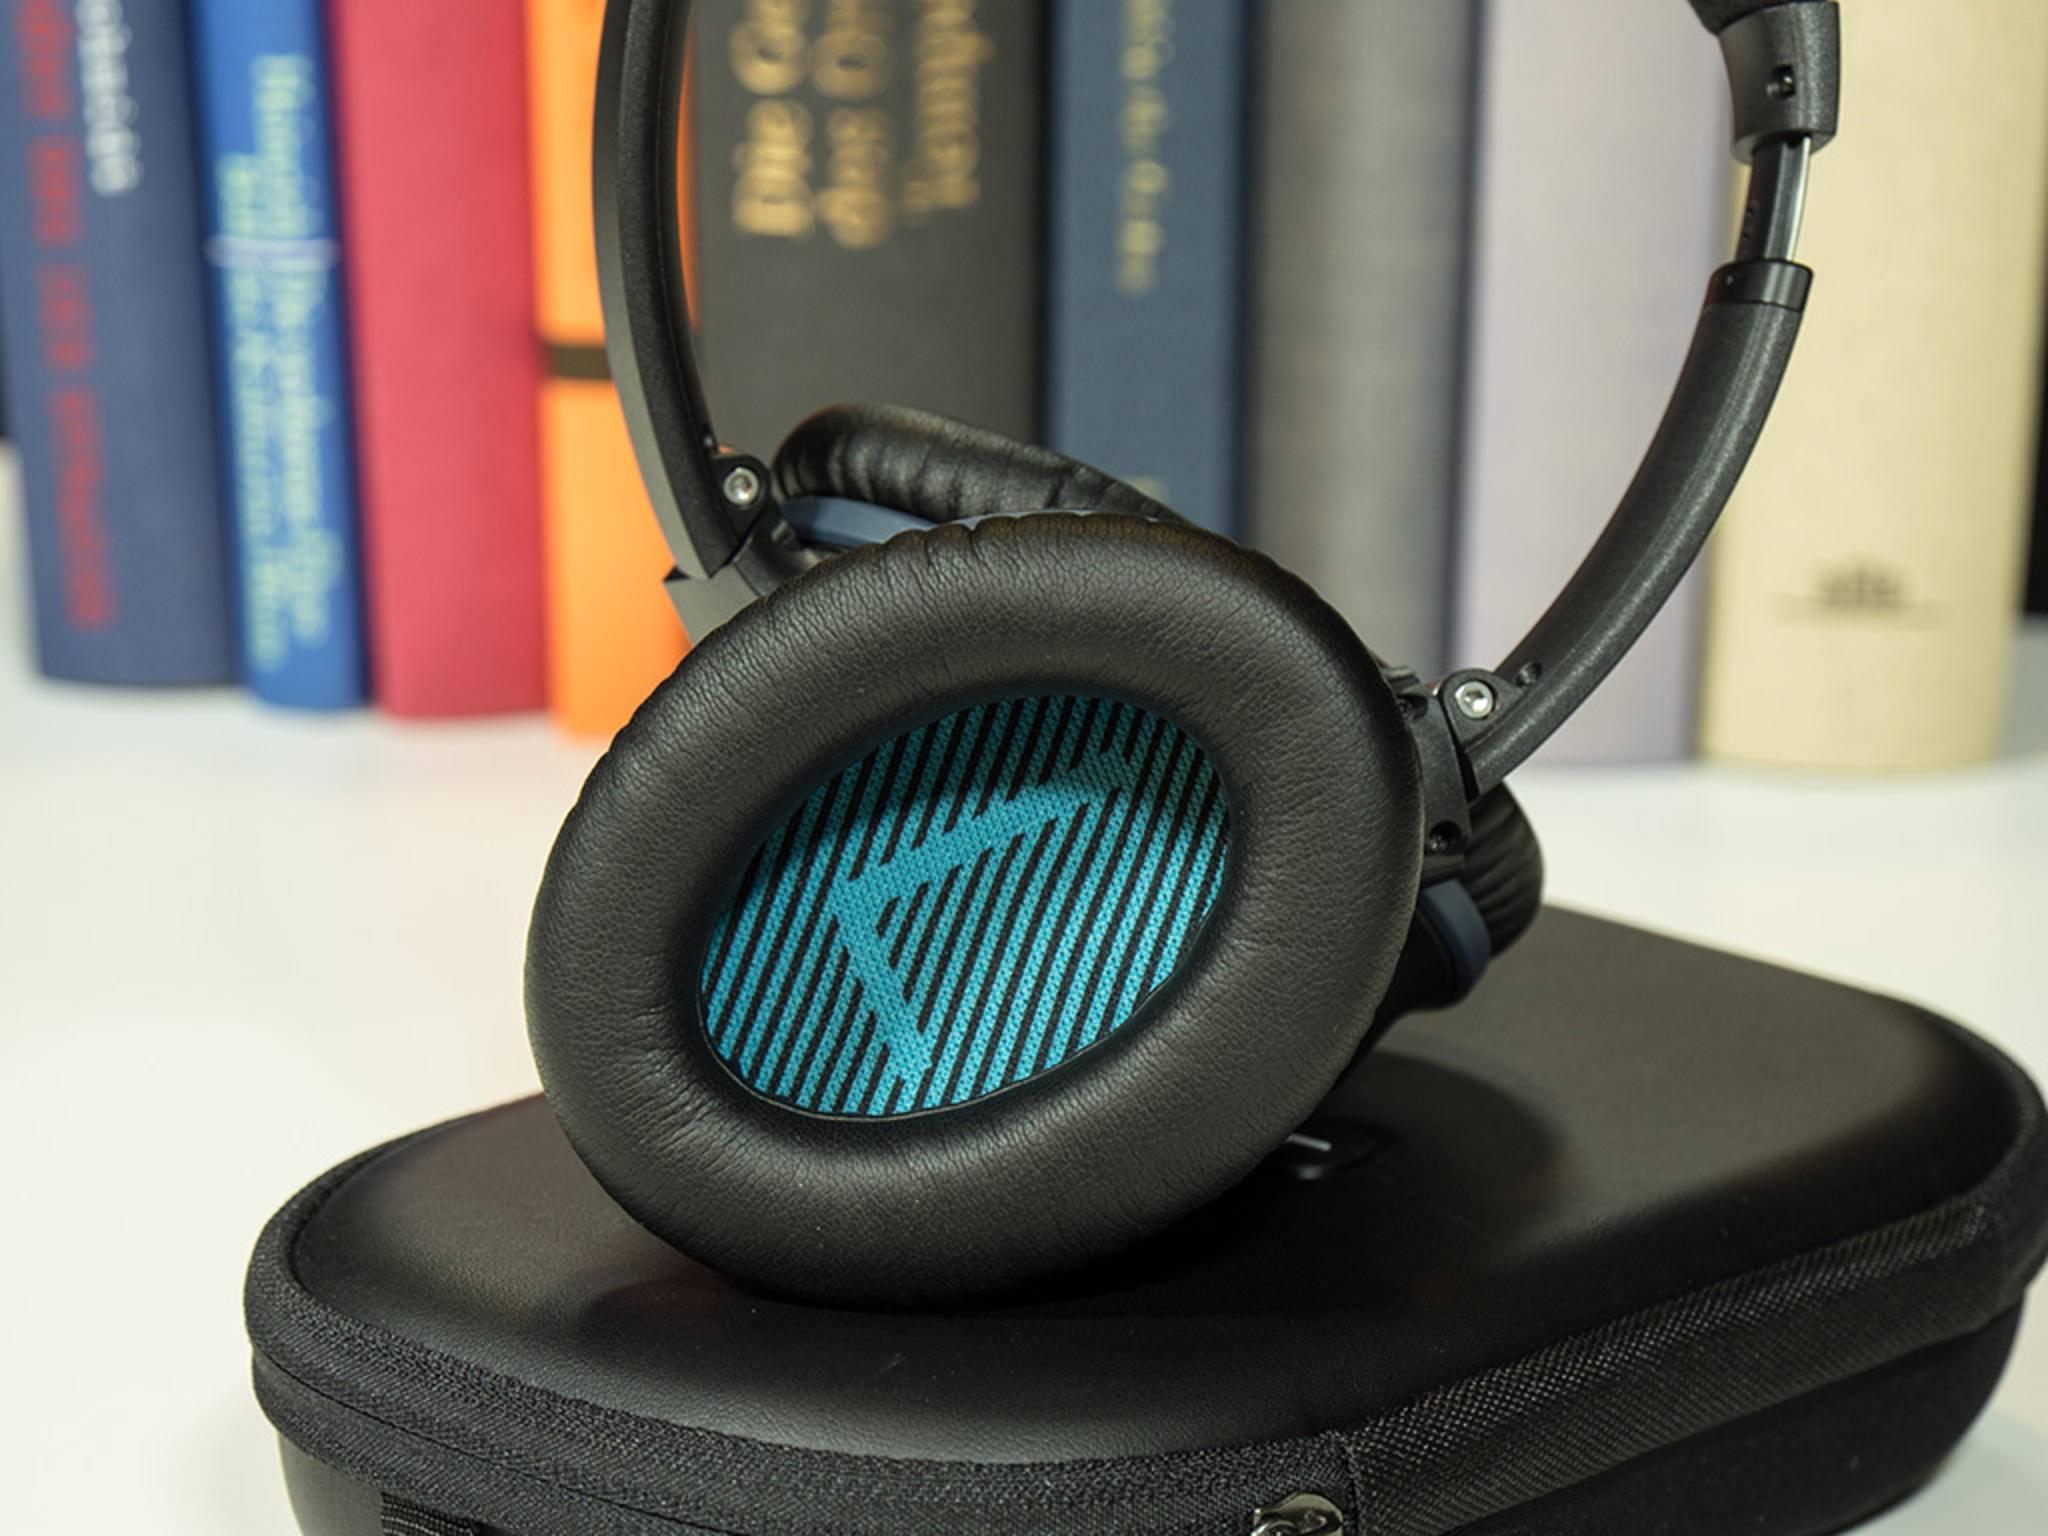 Mit großen Buchstaben kennzeichnet Bose im Innern der Soundmuscheln die Stereo-Kanäle Links und Rechts.